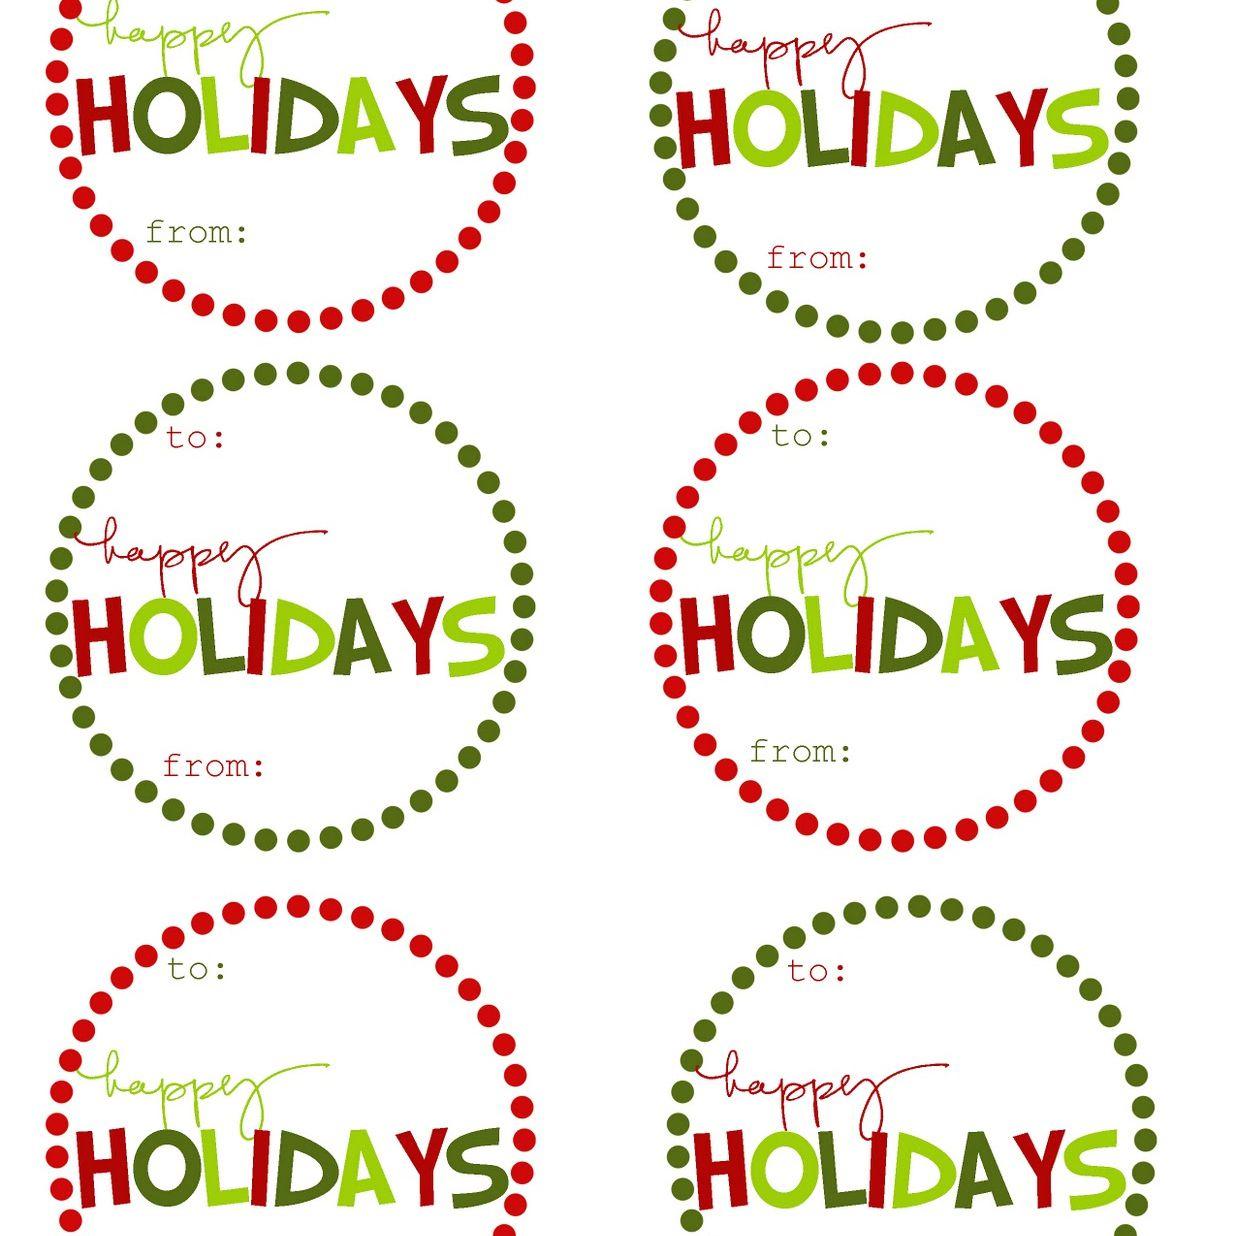 40 Sets Of Free Printable Christmas Gift Tags - Free Printable Christmas Labels